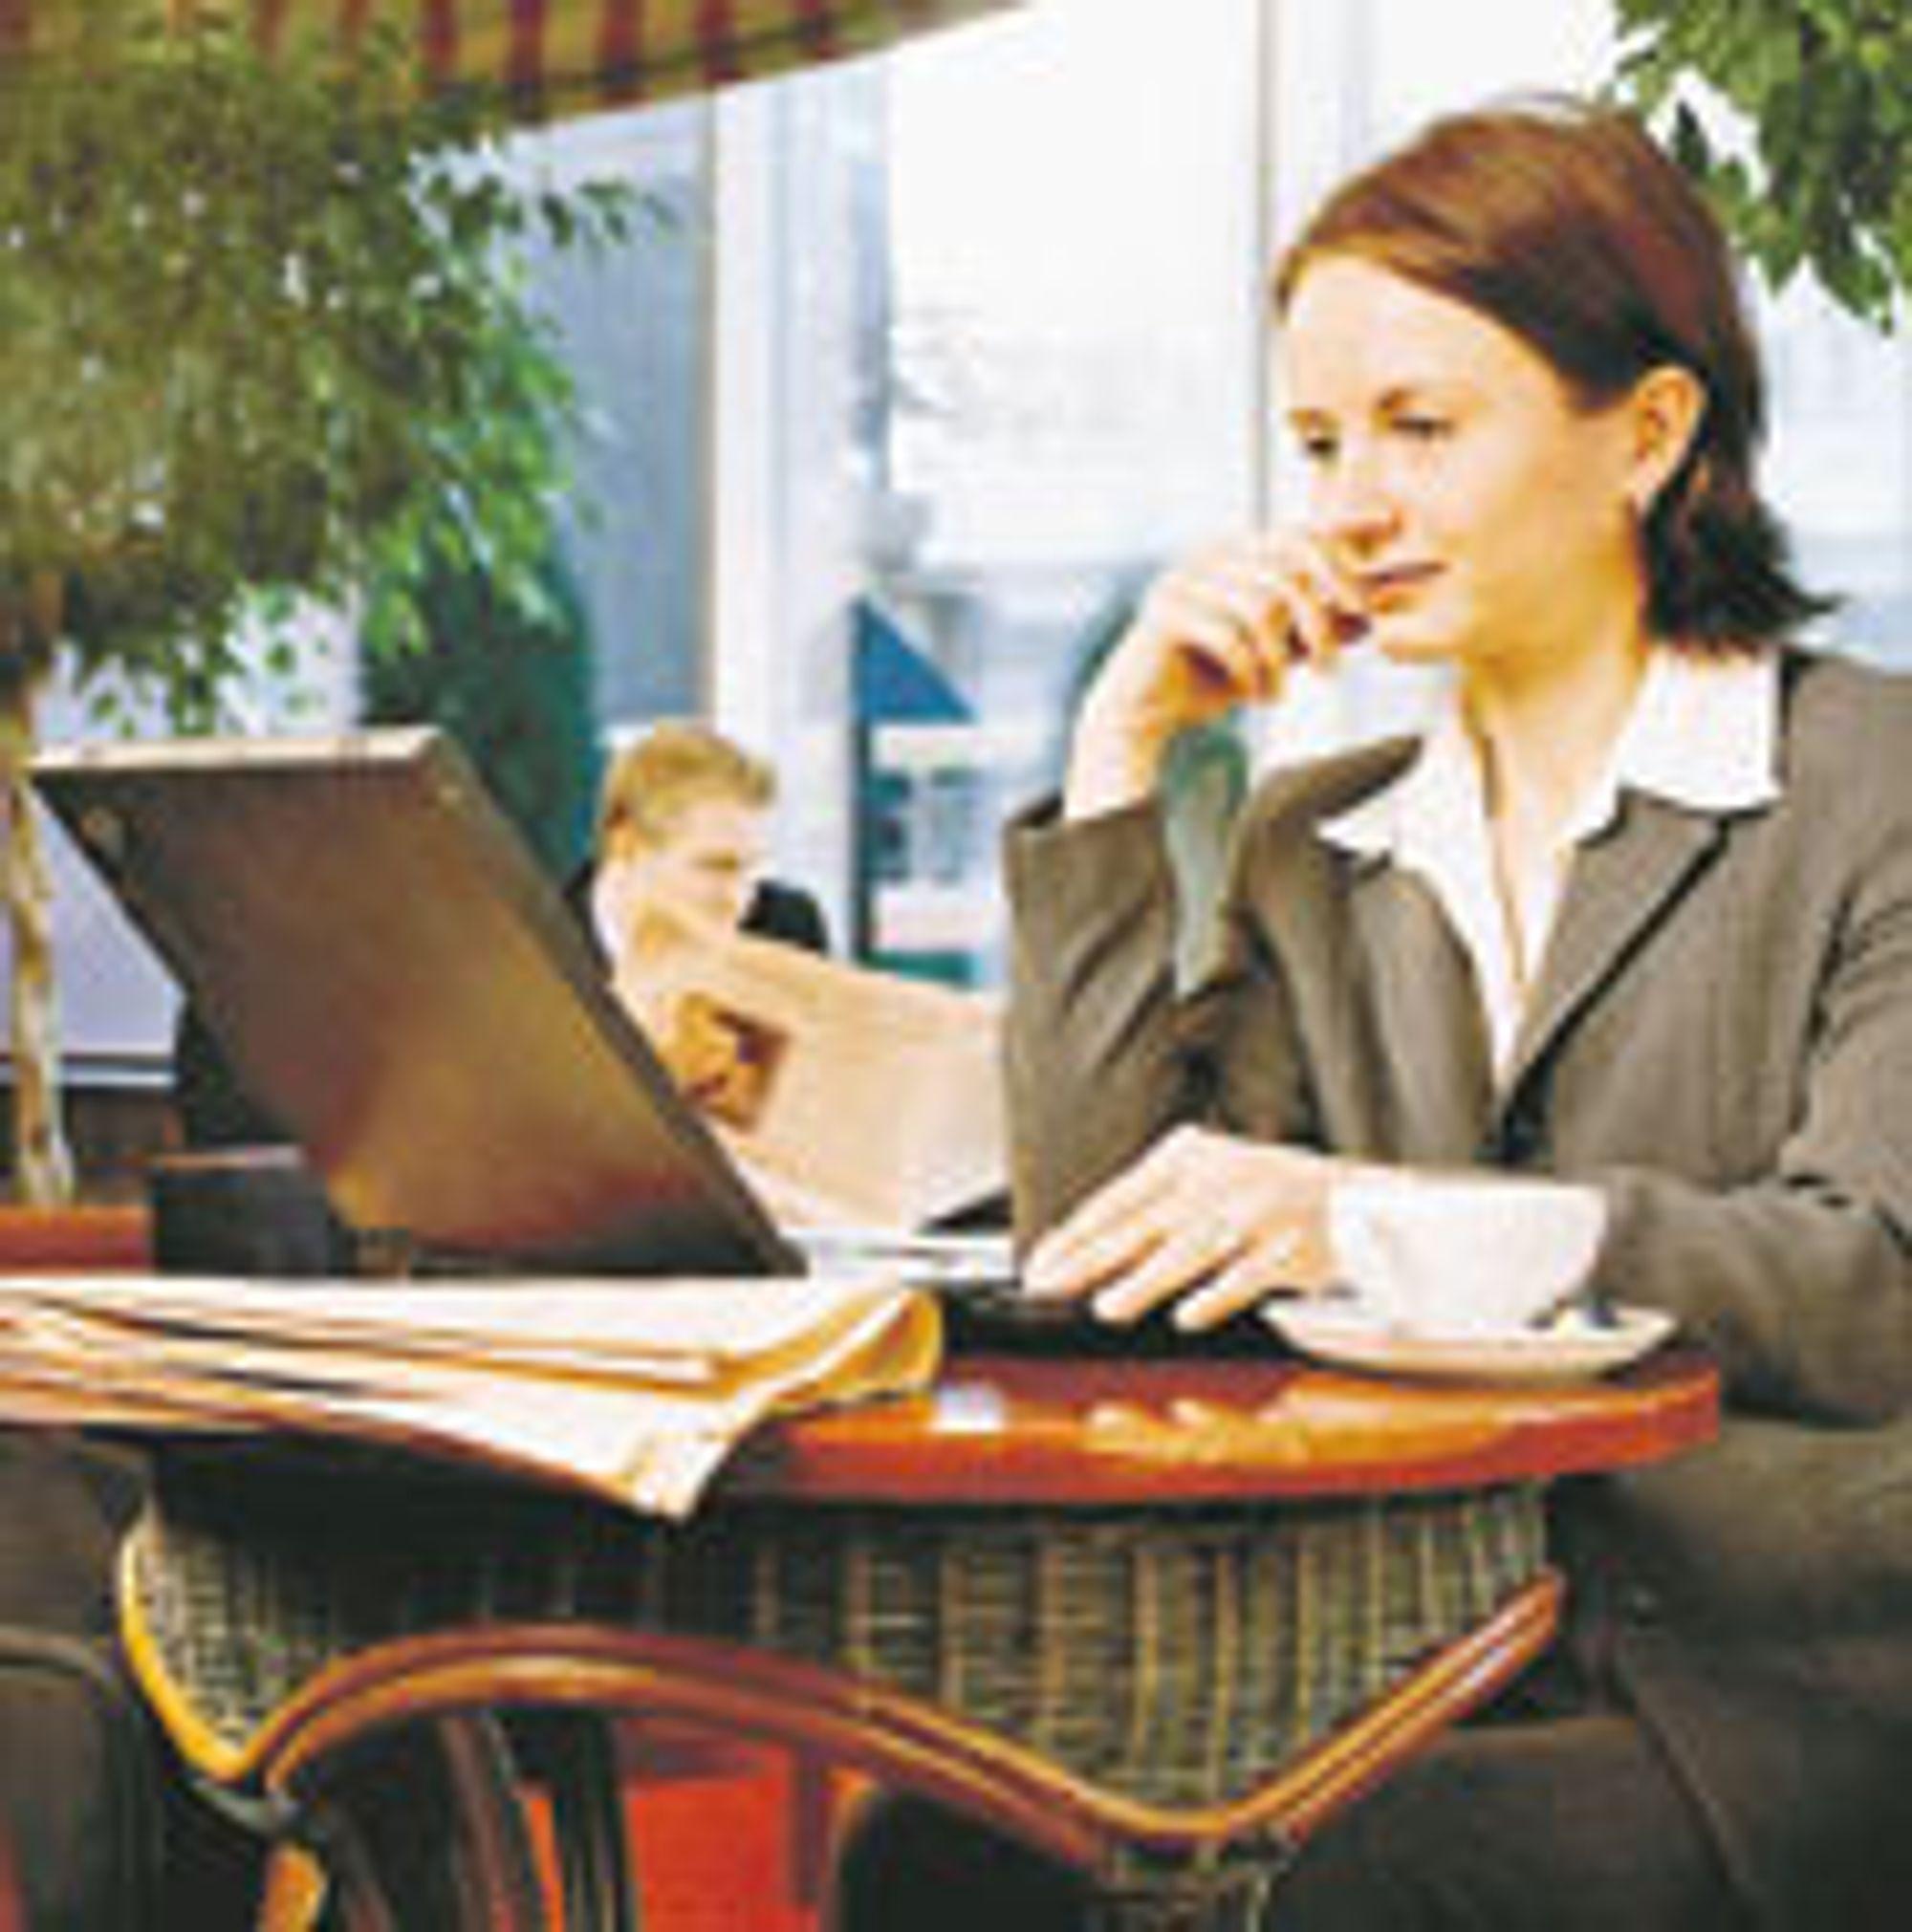 VEKST: Fleksibilitet og økt produktivitet driver veksten i trådløsmarkedet. Men mange er fortsatt skeptiske til sikkerheten i trådløse nettverk. Hvem sitter på nabobordet eller utenfor og snoker i nettet og PC-en din?